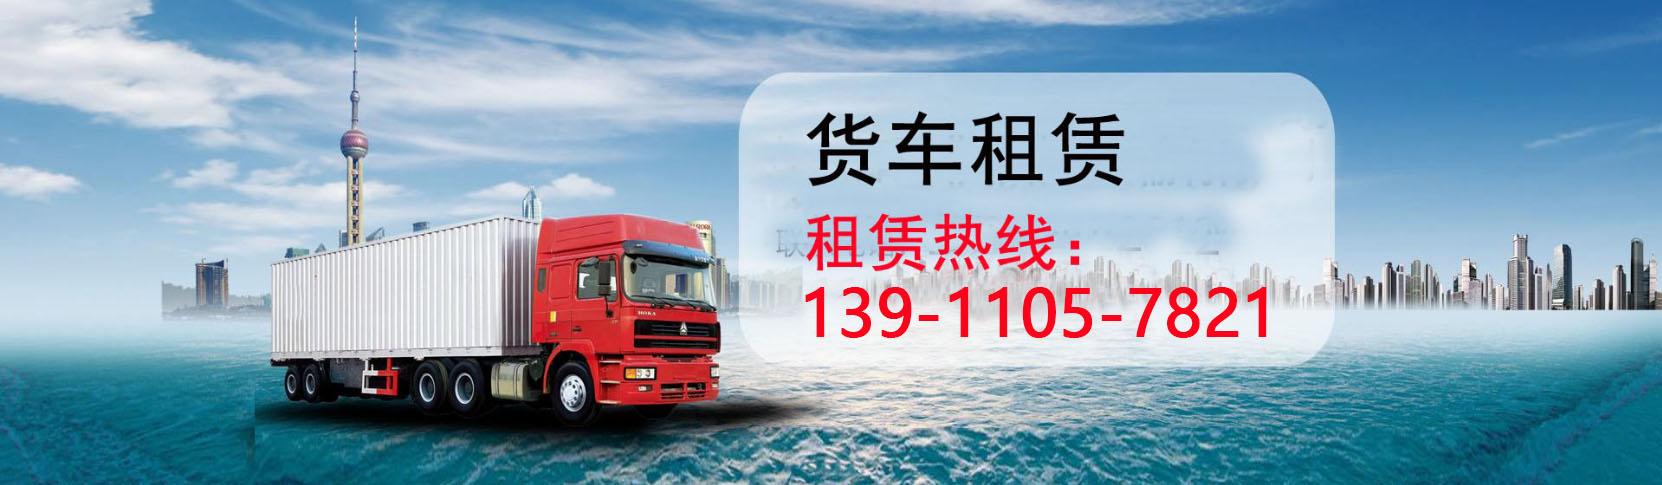 北京朝阳货车租赁